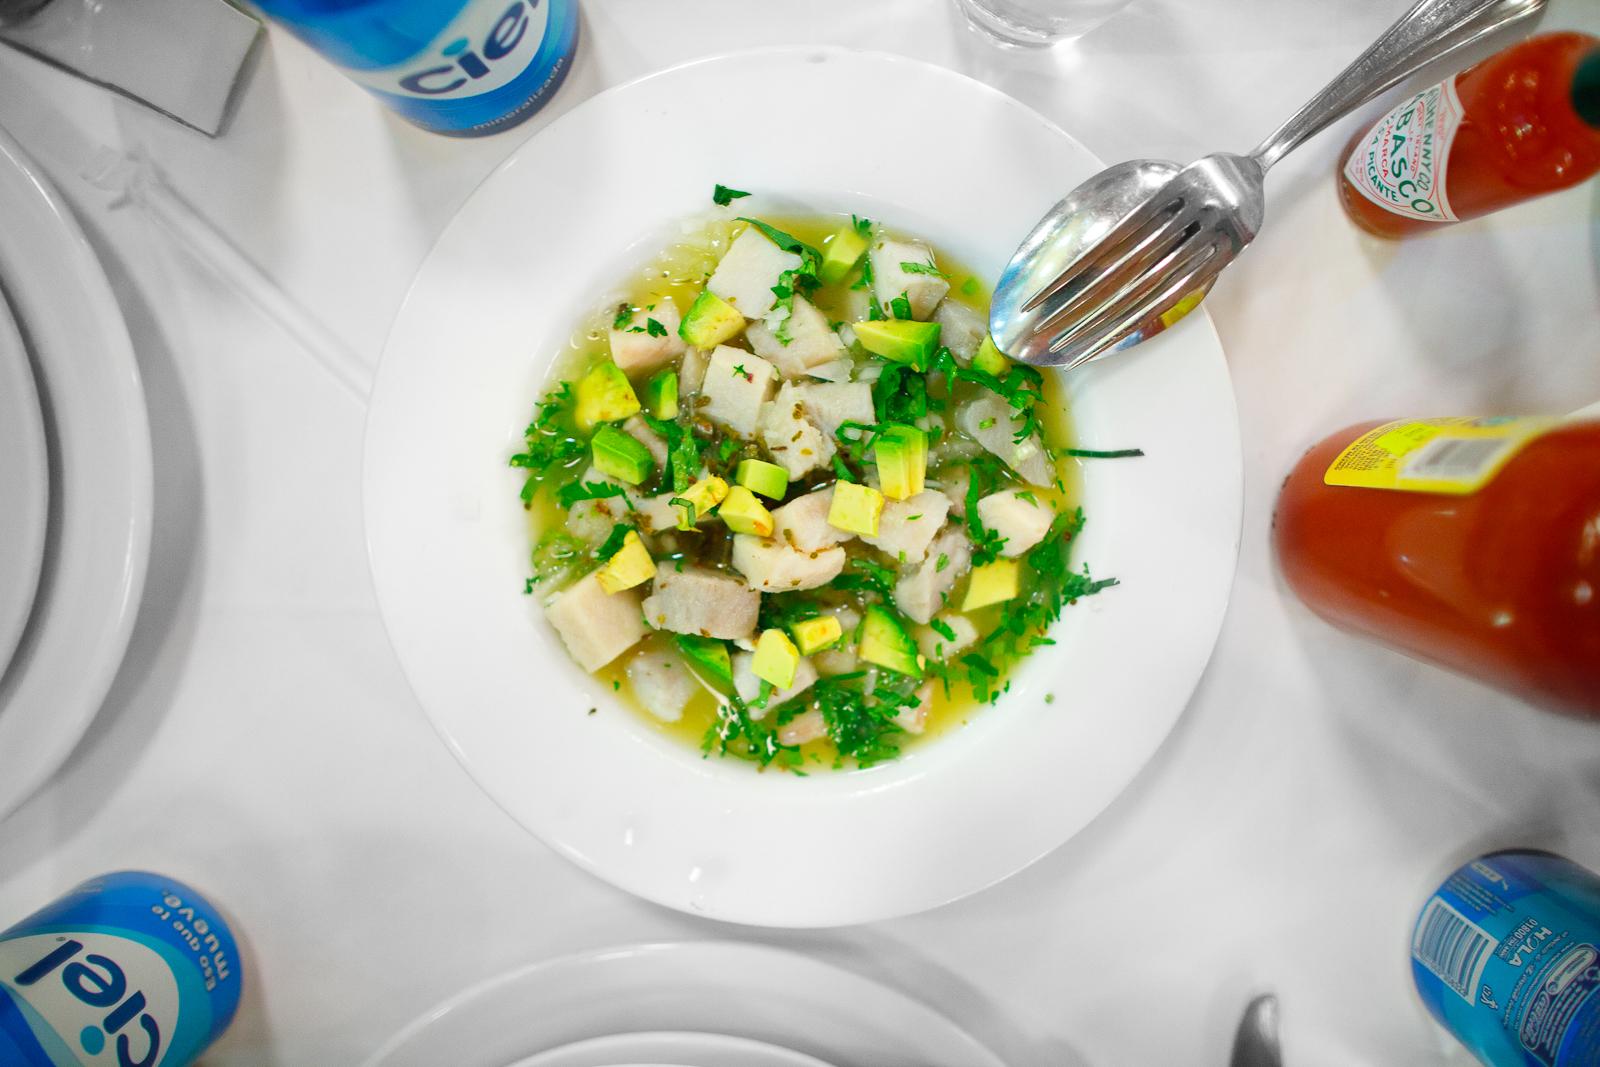 Ceviche de pescado (white fish ceviche with avocado)